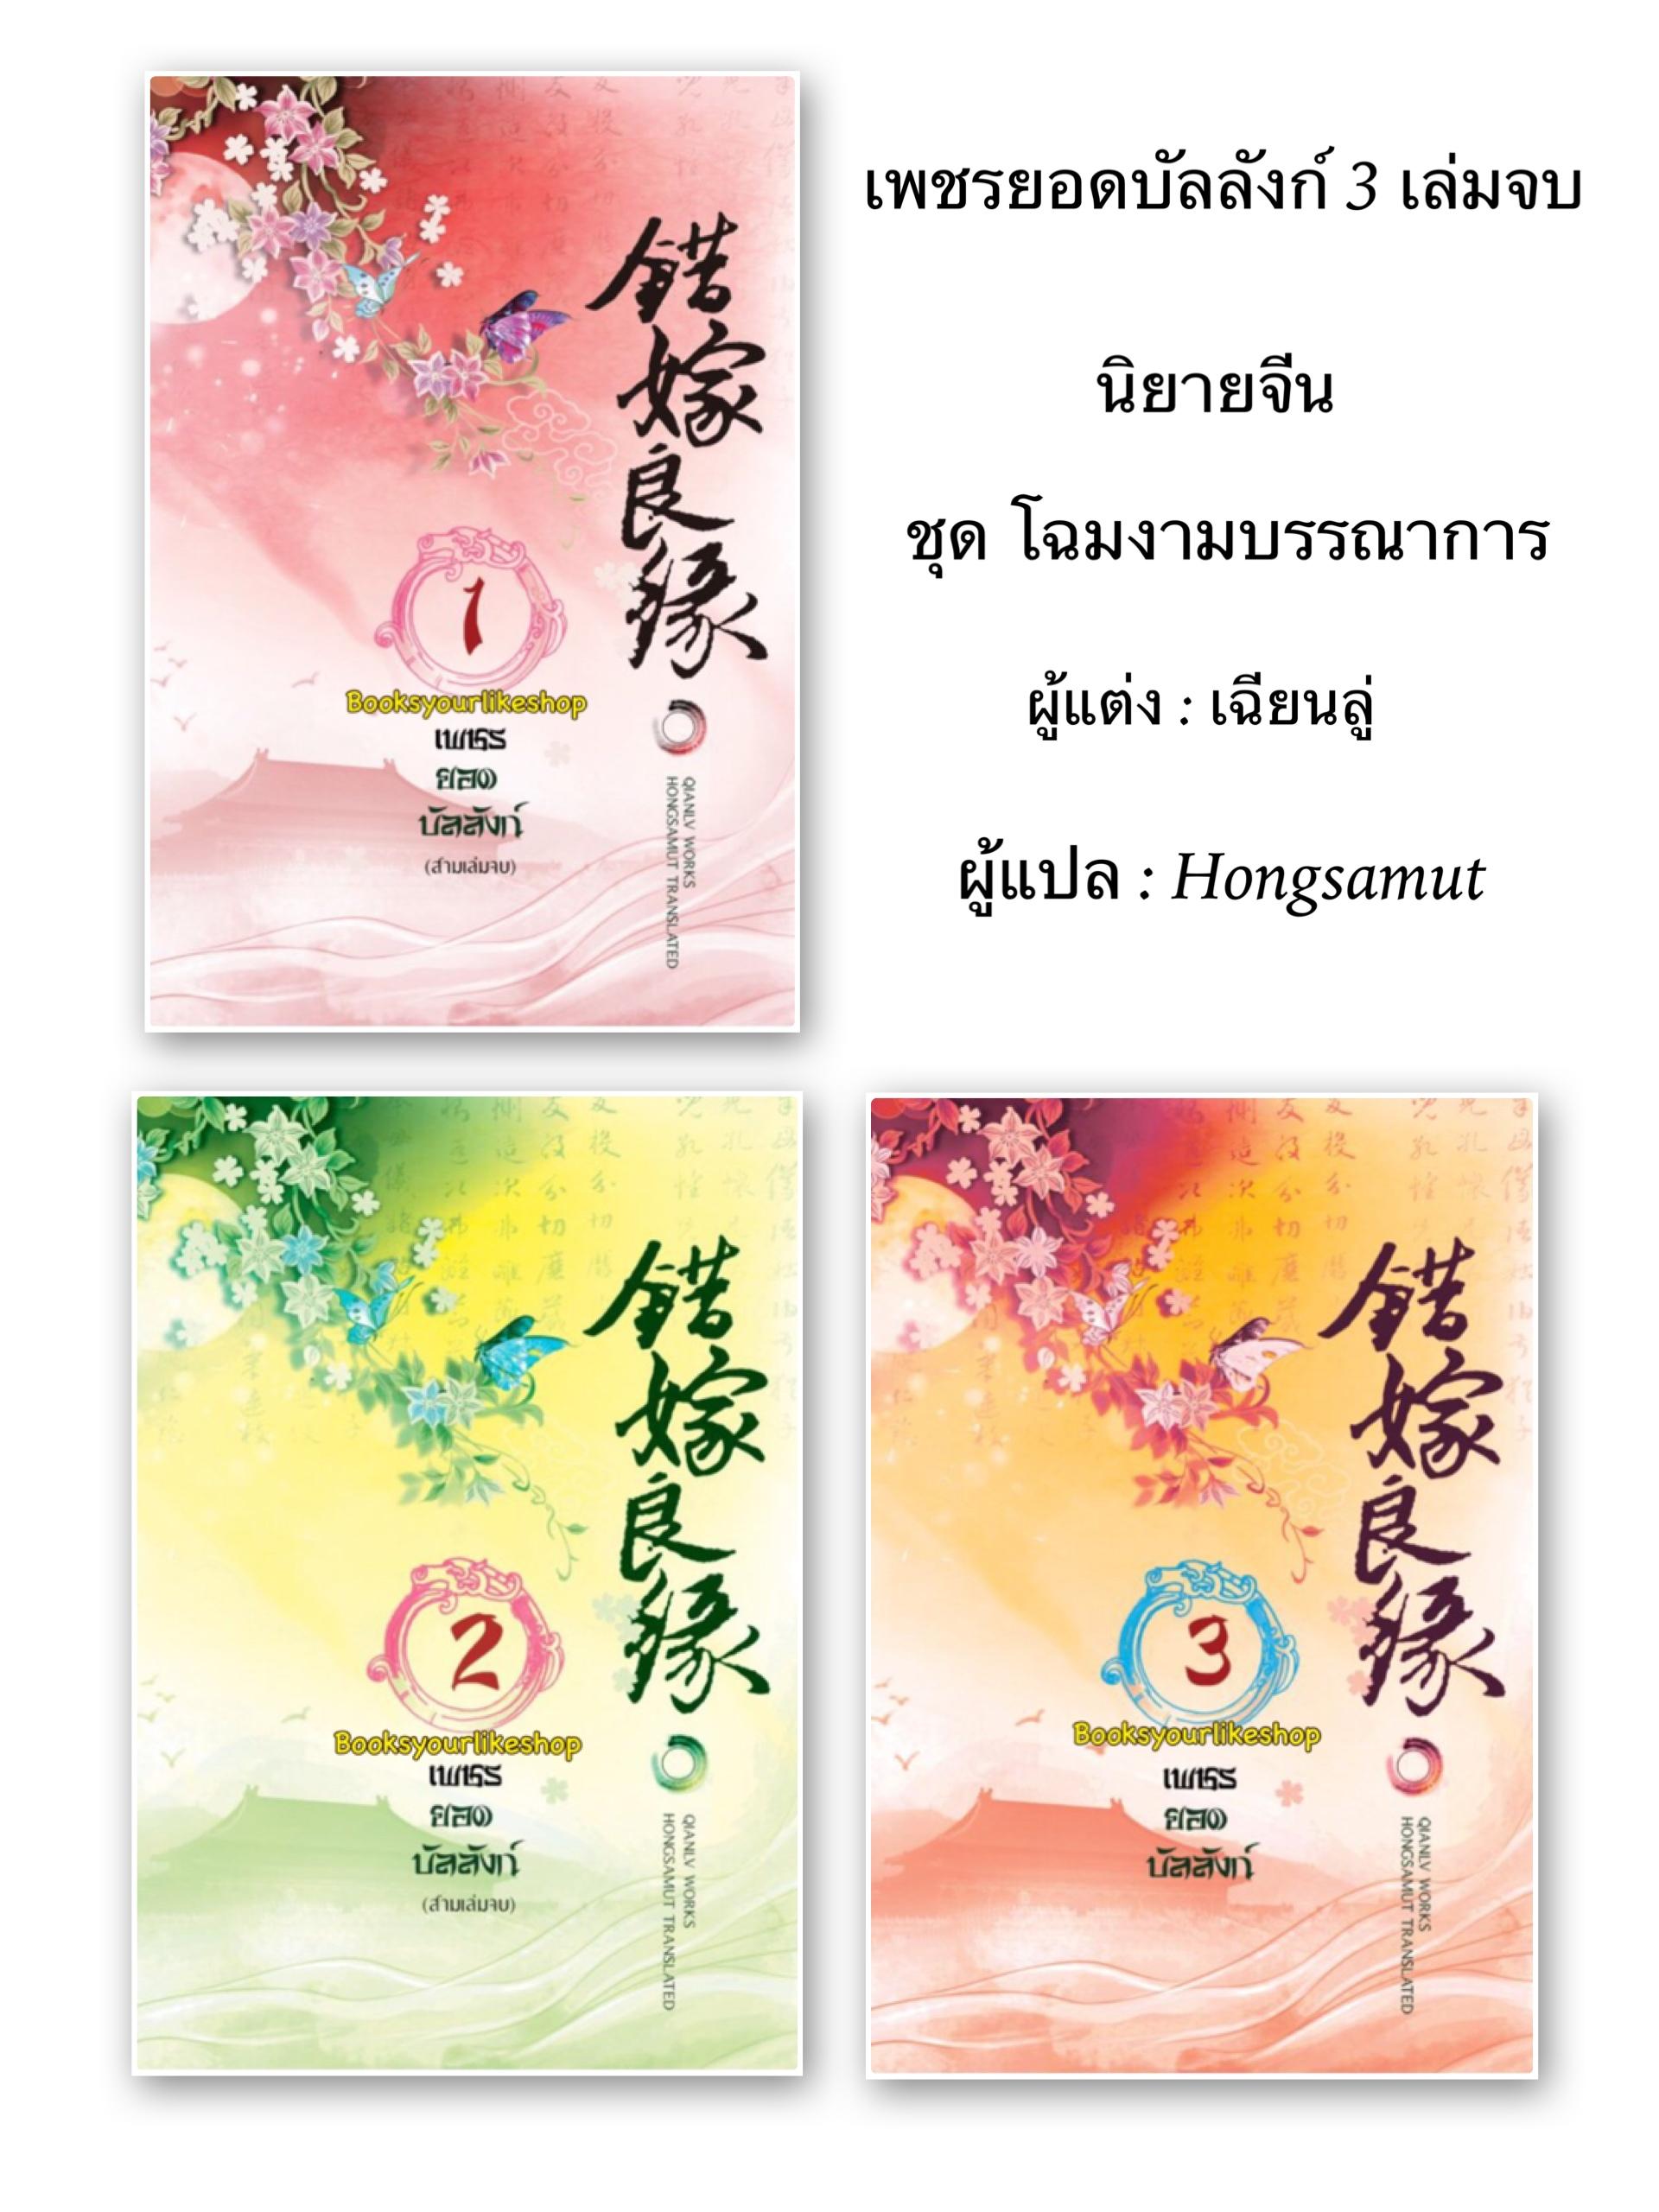 เพชรยอดบัลลังก์ 3 เล่มจบ โฉมนางบรรณาการ ปกอ่อน / เฉียนลู่ แต่ง, hongsamut แปล